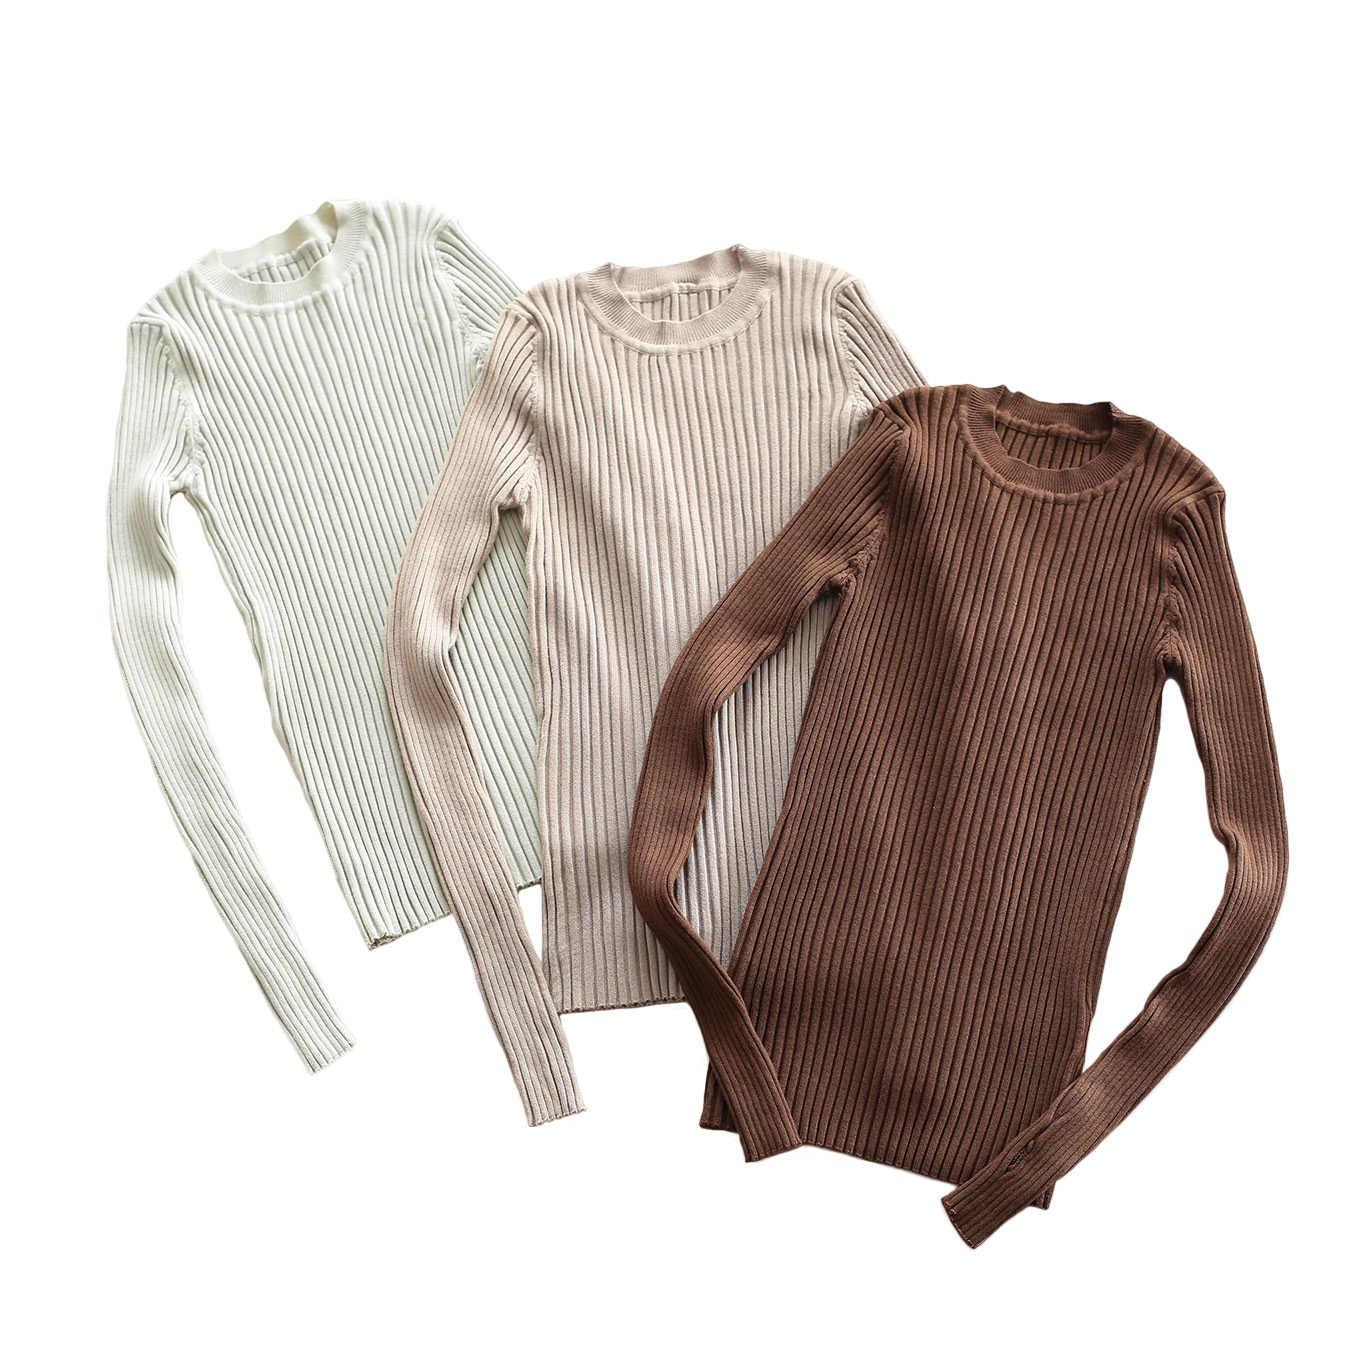 Crew Neck Rippen Pullover Frauen Grund Slim Fit Rippe Gestrickte Top Pullover Solide Langarm Baumwolle Pullover Mit Daumen Loch